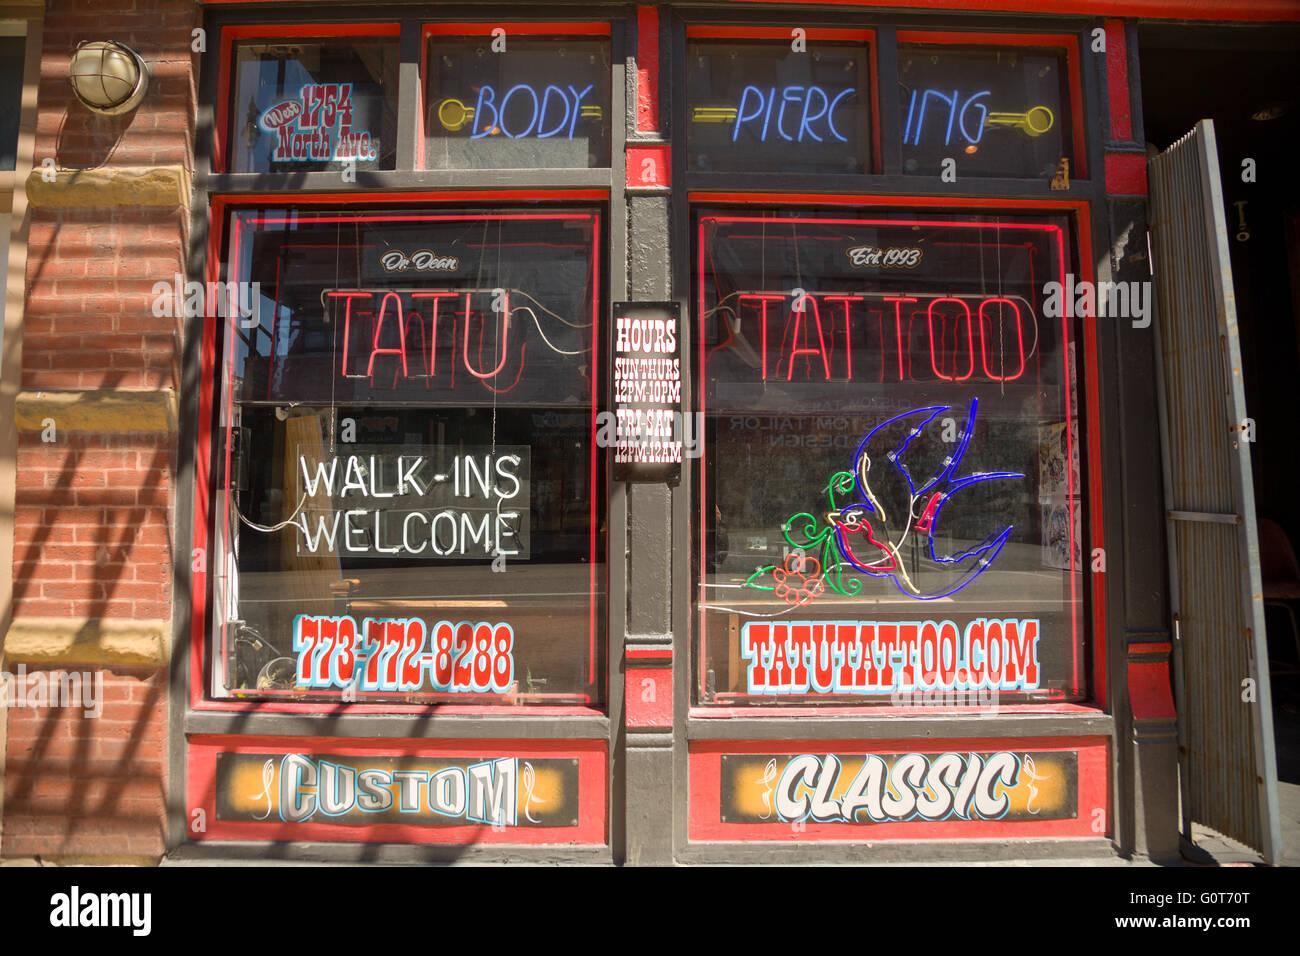 Tatu Tattoo Shop en el moderno barrio de Wicker Park West Town en la comunidad en Chicago, Illinois, EE.UU. Imagen De Stock